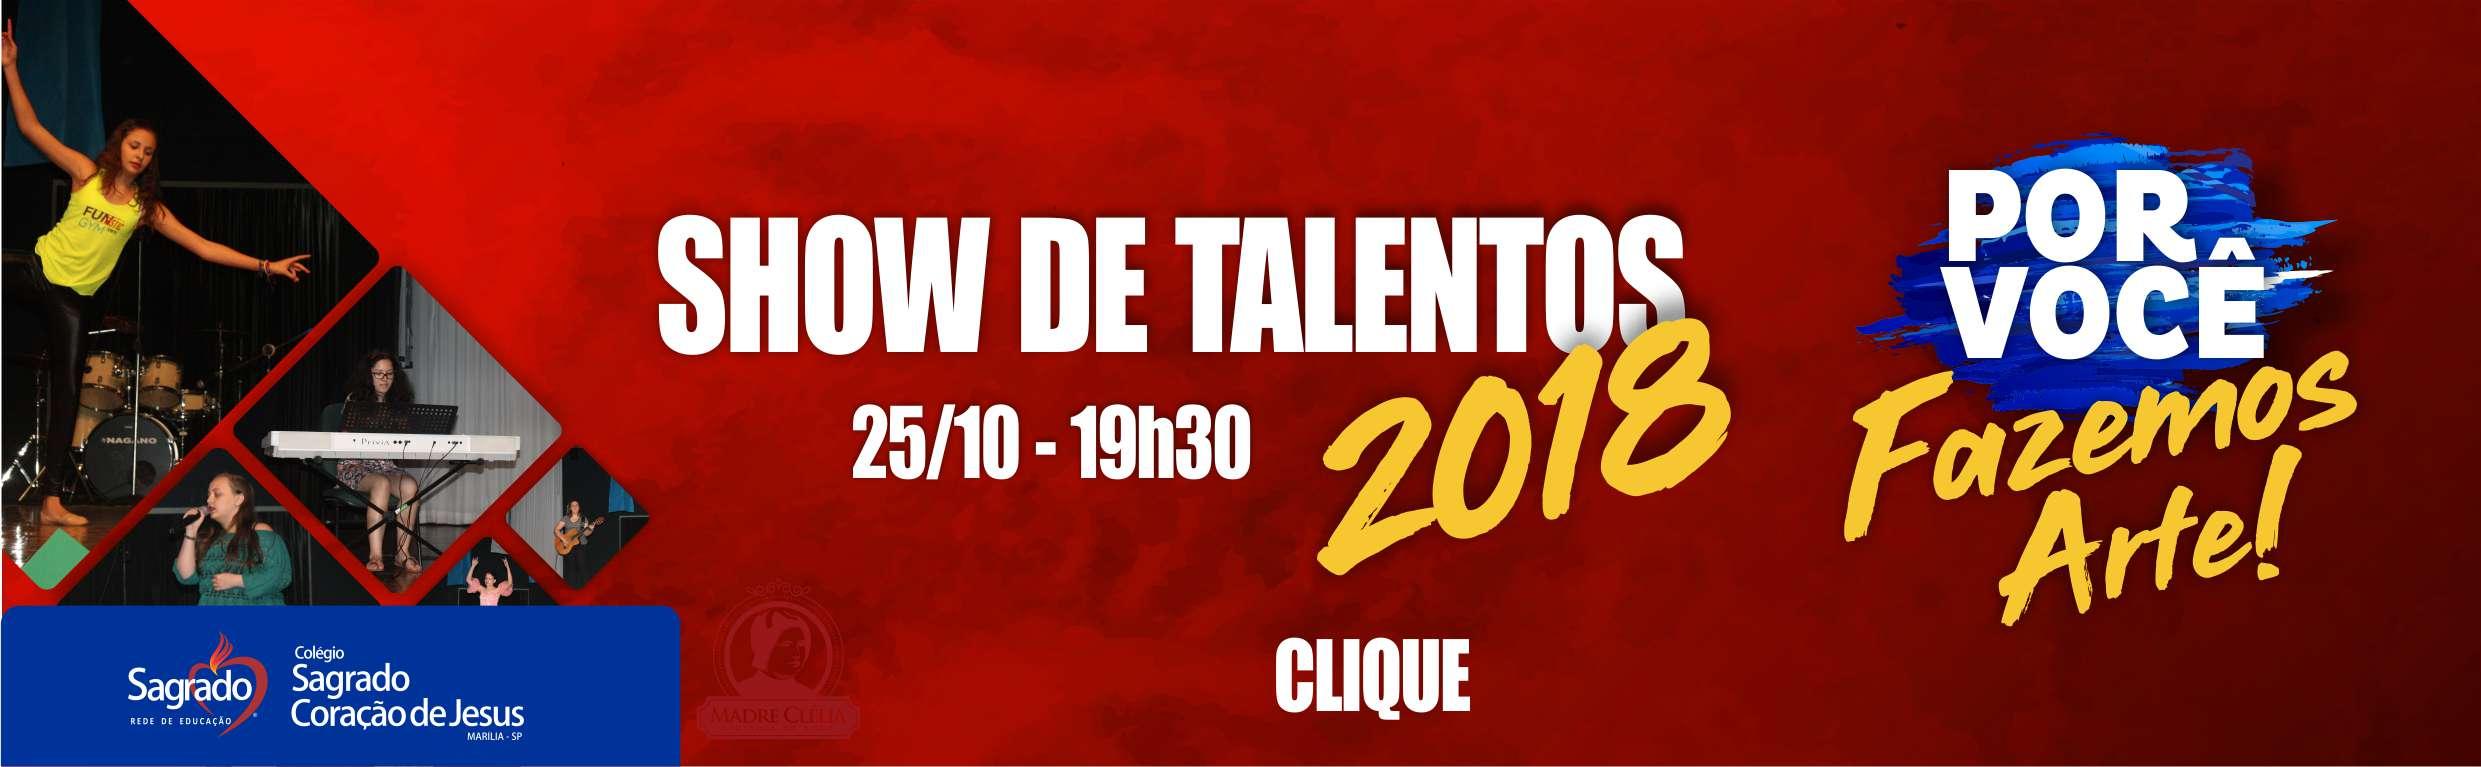 Show de talentos 2018